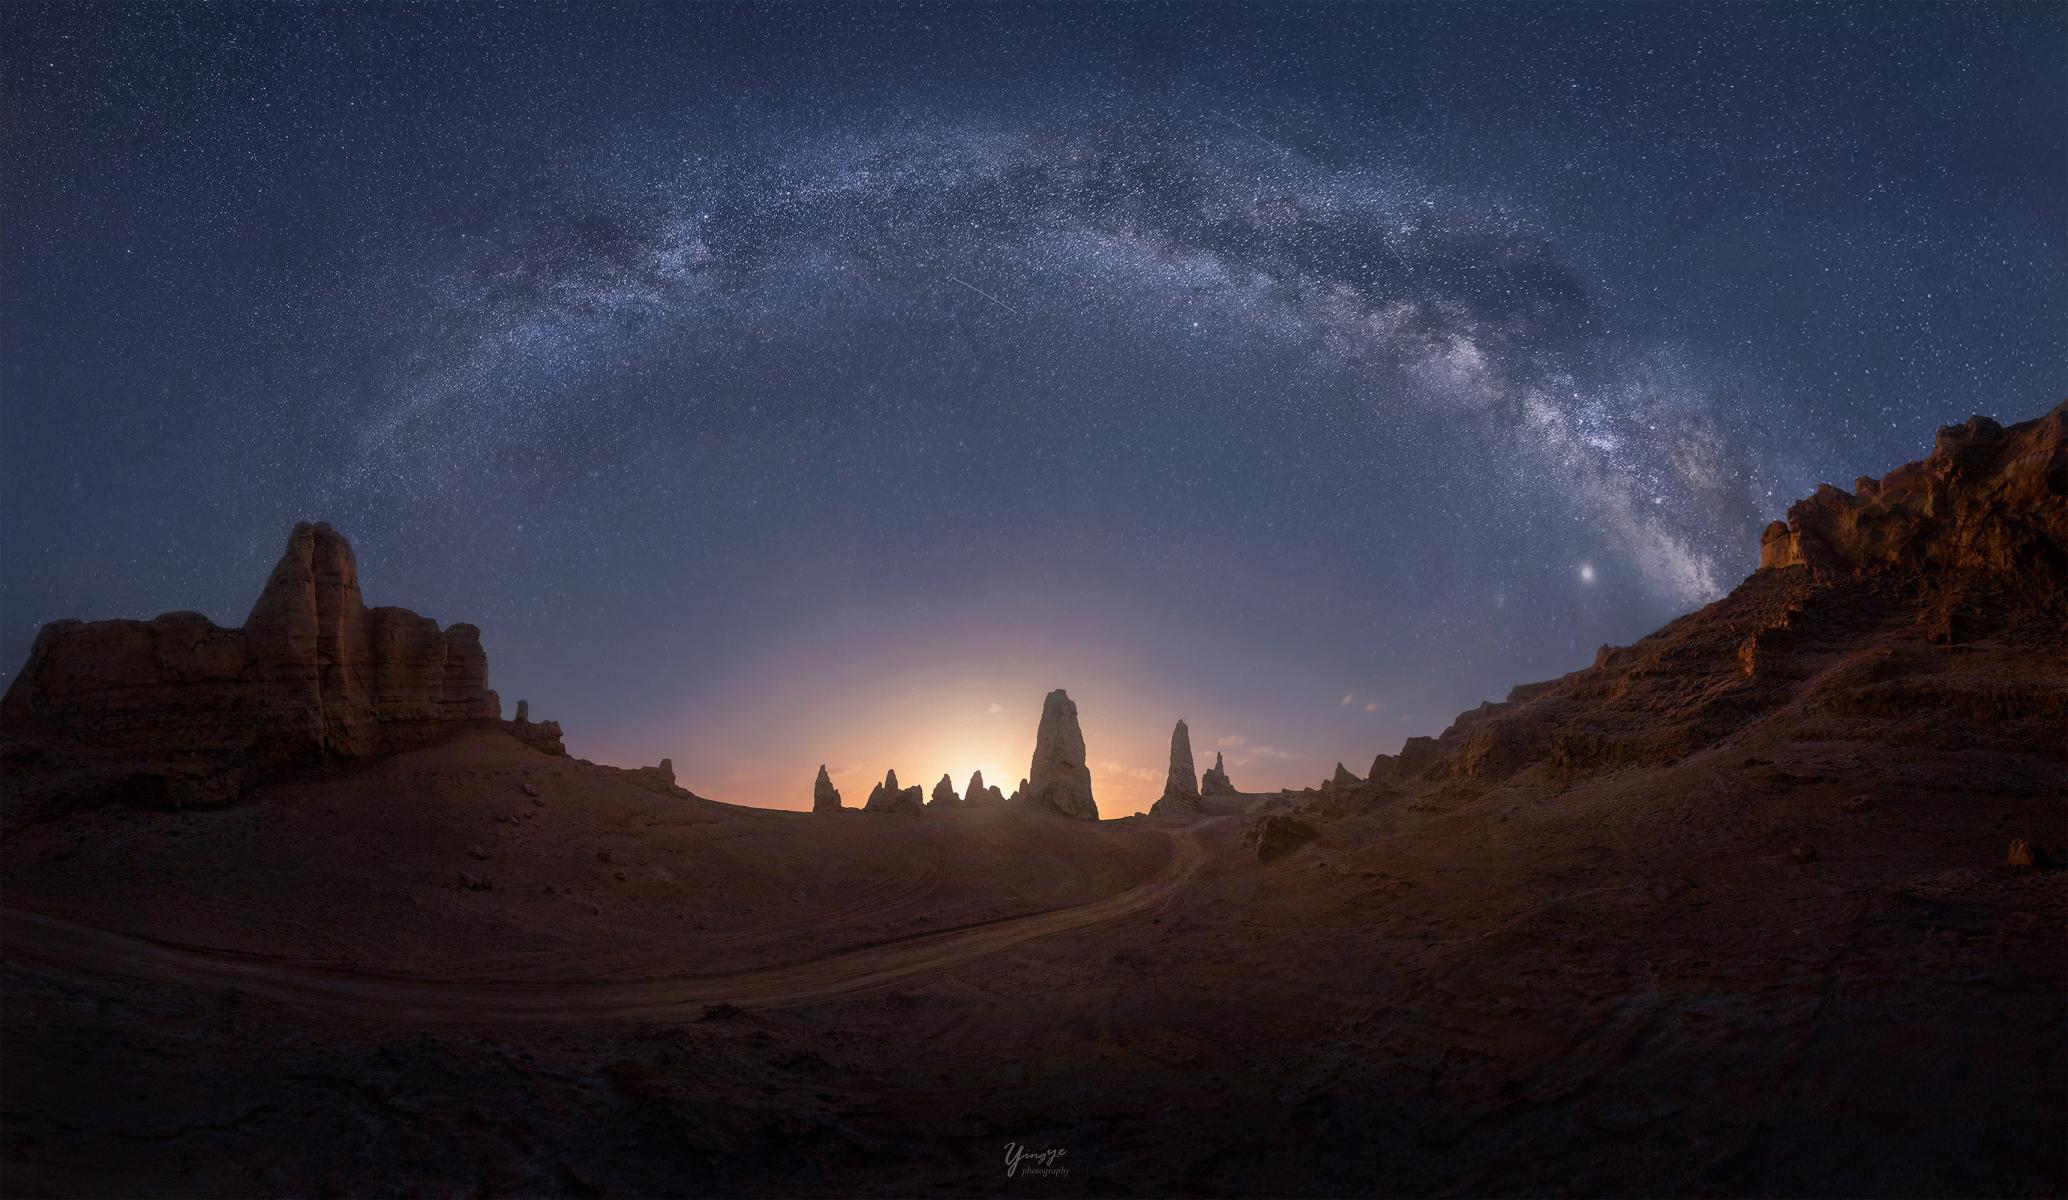 hk_c_8、影葉 2020年8月拍攝於青海俄博梁,4排,每排15張,共60張矩陣接片。將跨度180度,高度80度的全景銀河呈現出來。月升剛剛升起的前10分鐘,是拍攝的絕佳時機,銀河還在,地景也被打亮。.jpg